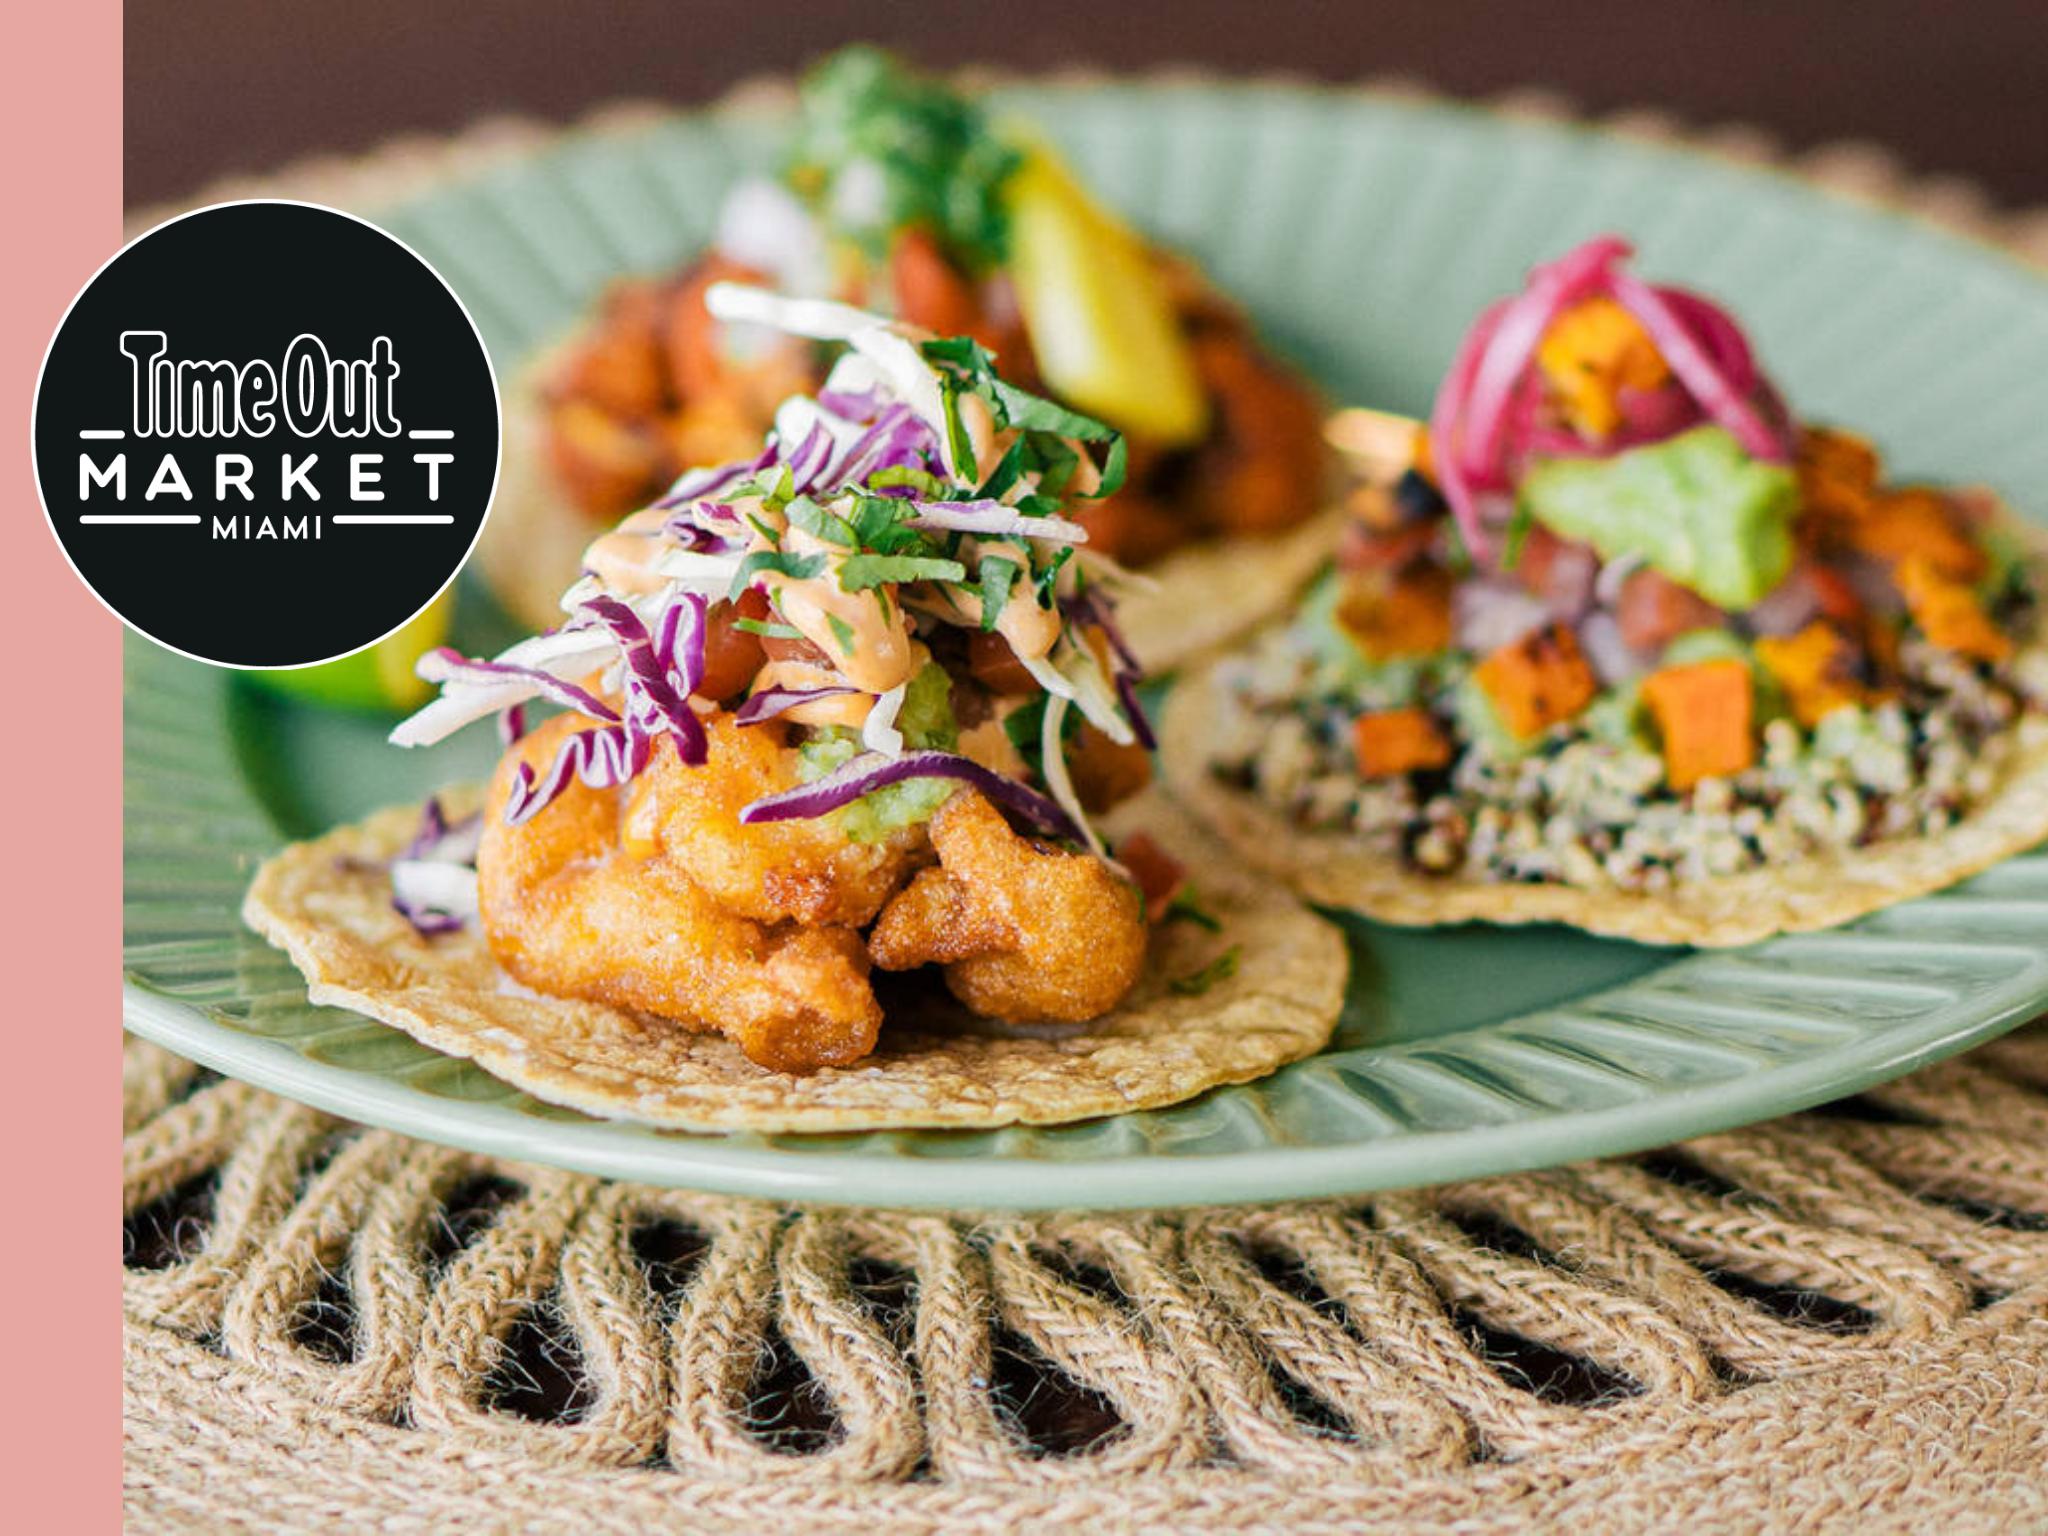 Food Envy: Baja shrimp tacos at La Santa Taqueria